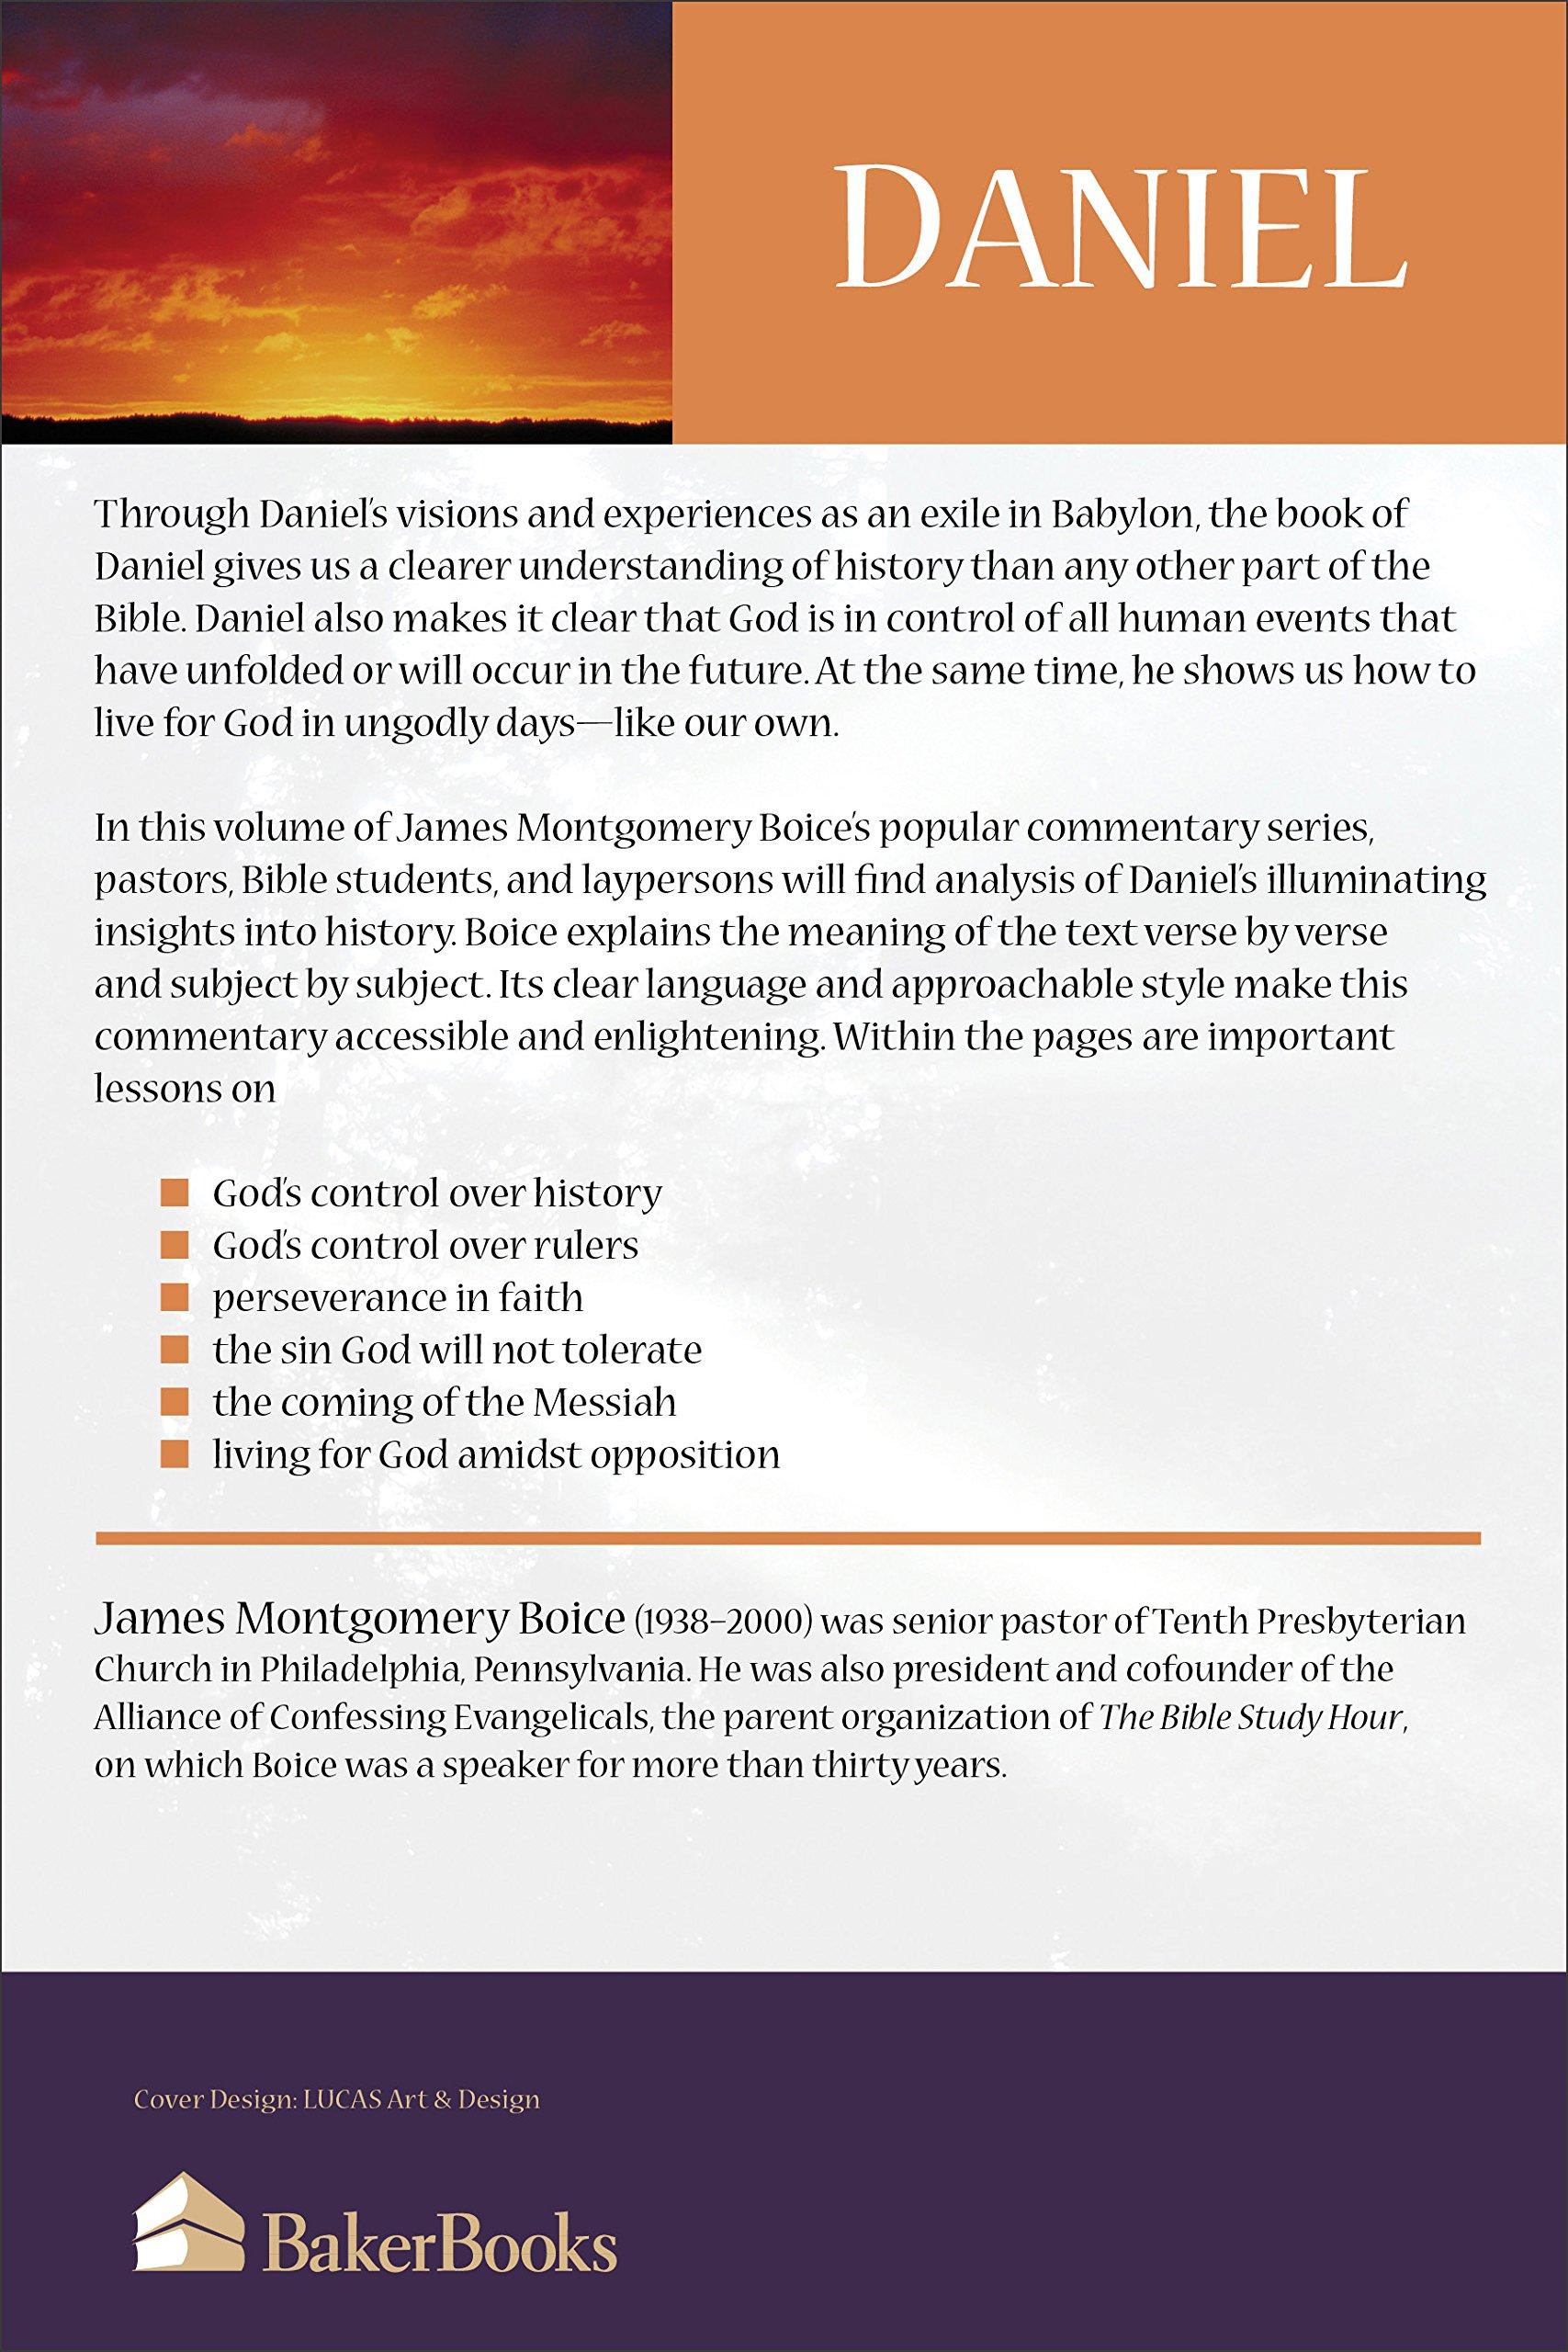 World economic forum competitiveness report 2002 silverado